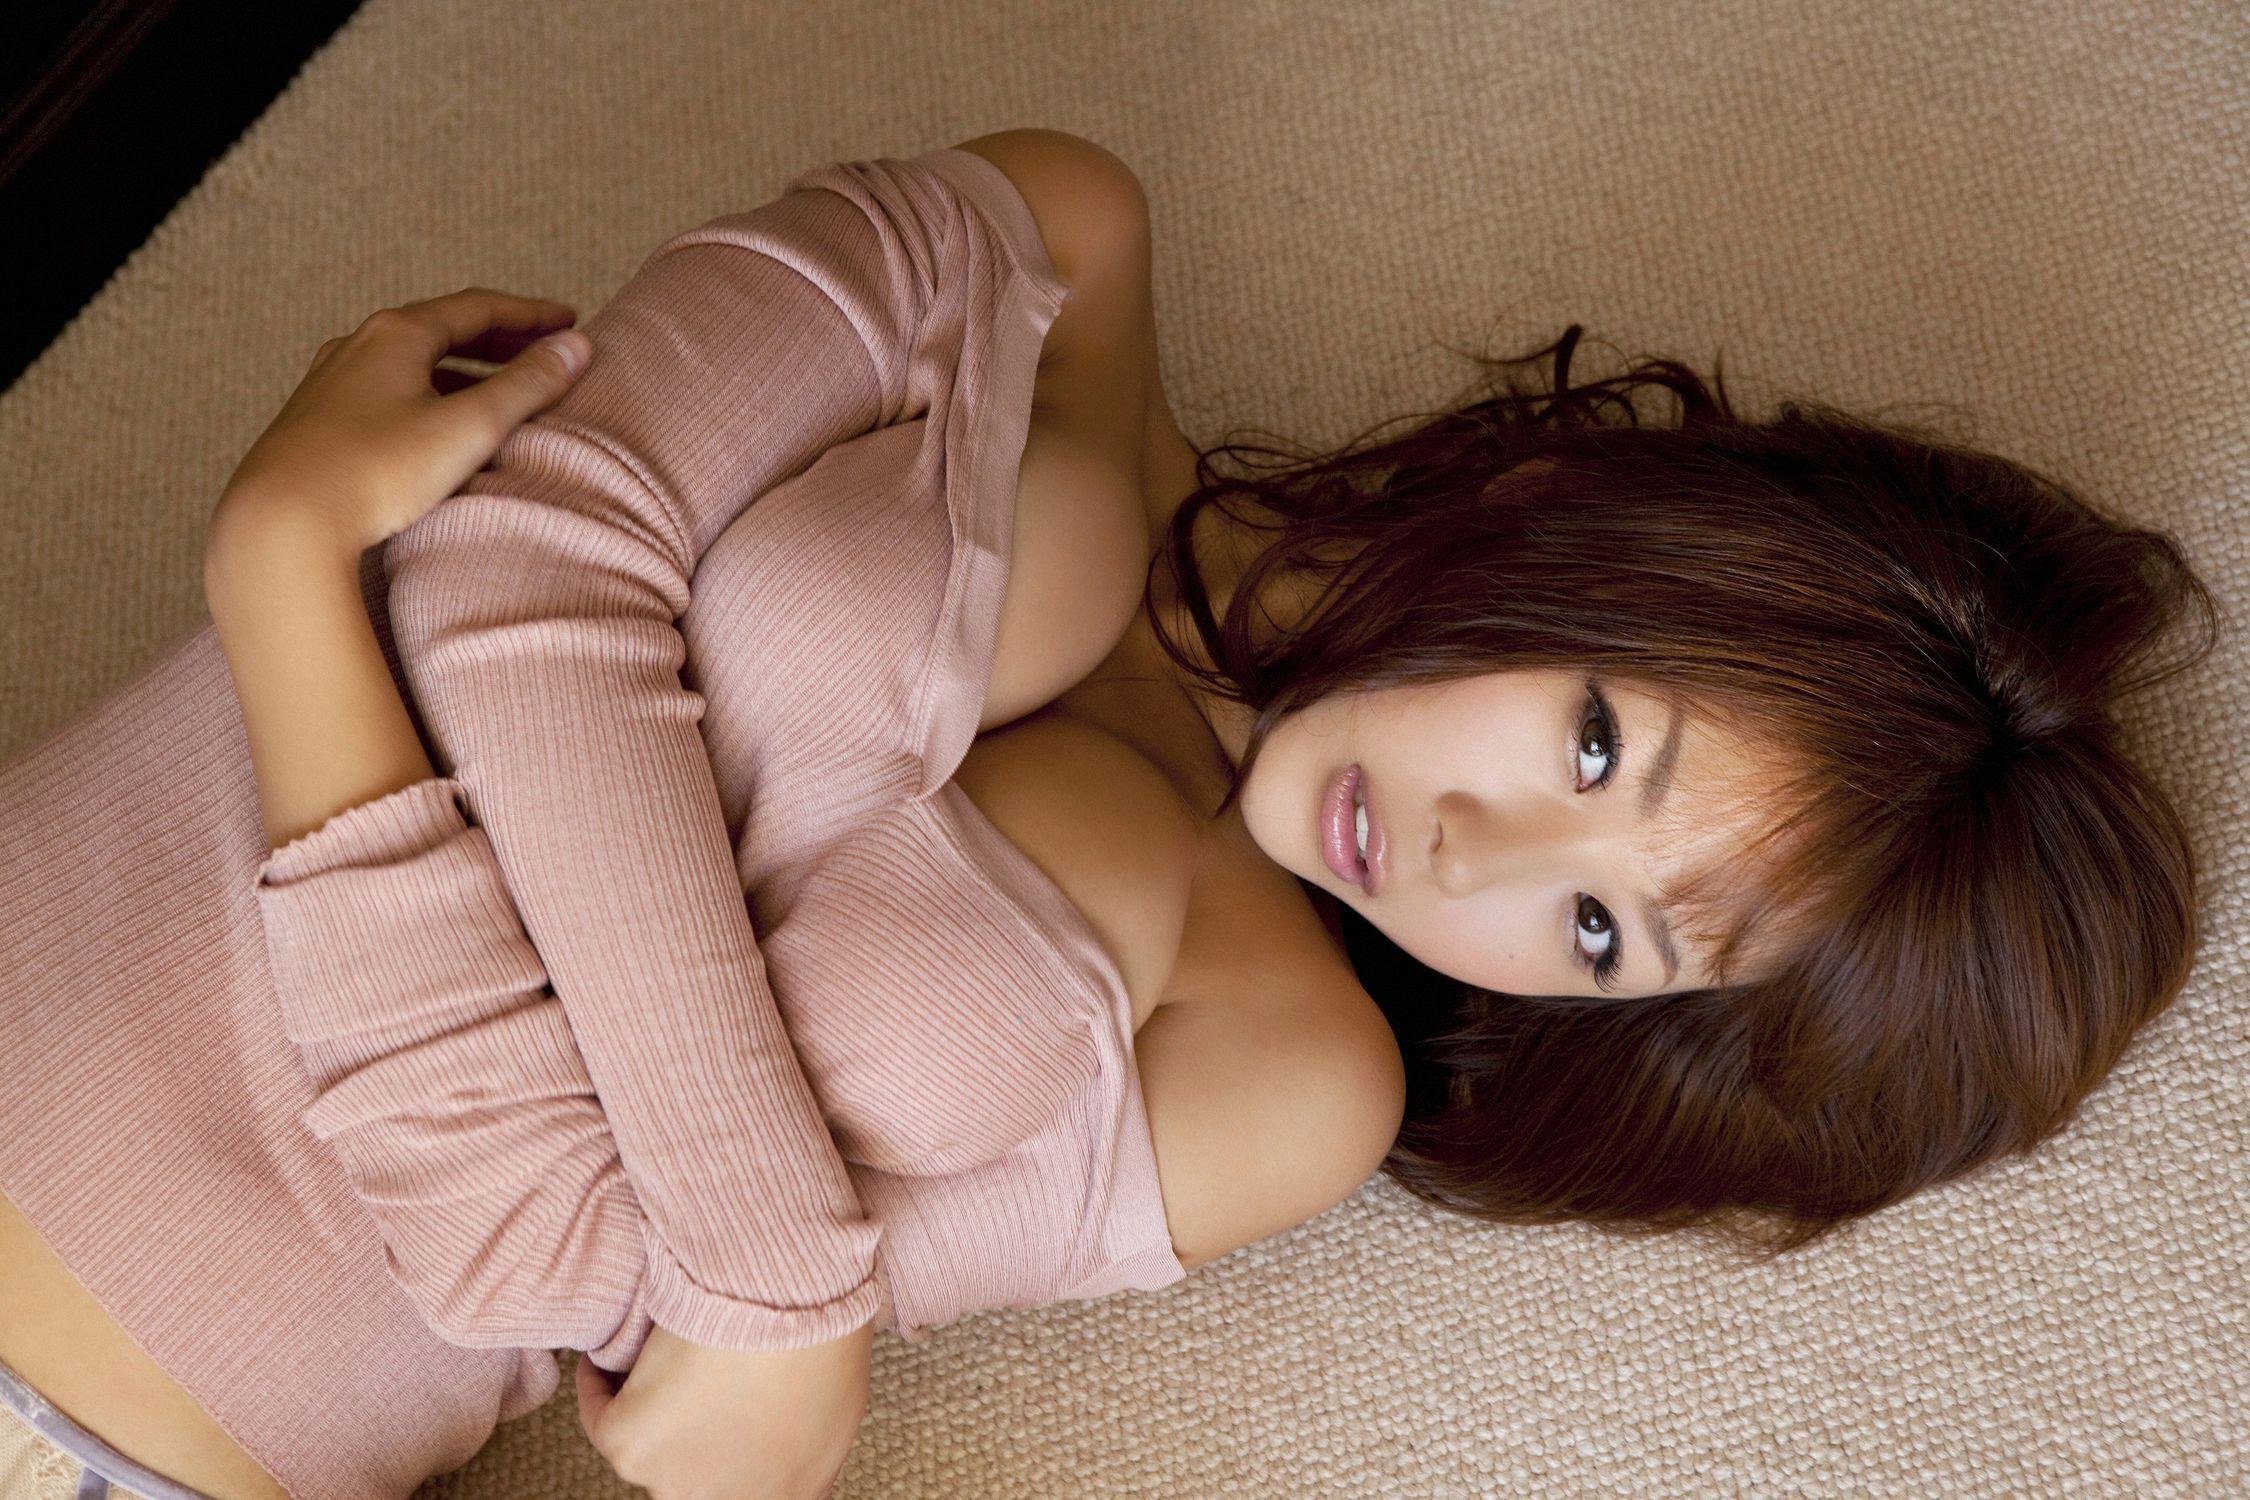 西田麻衣 過激 画像 33